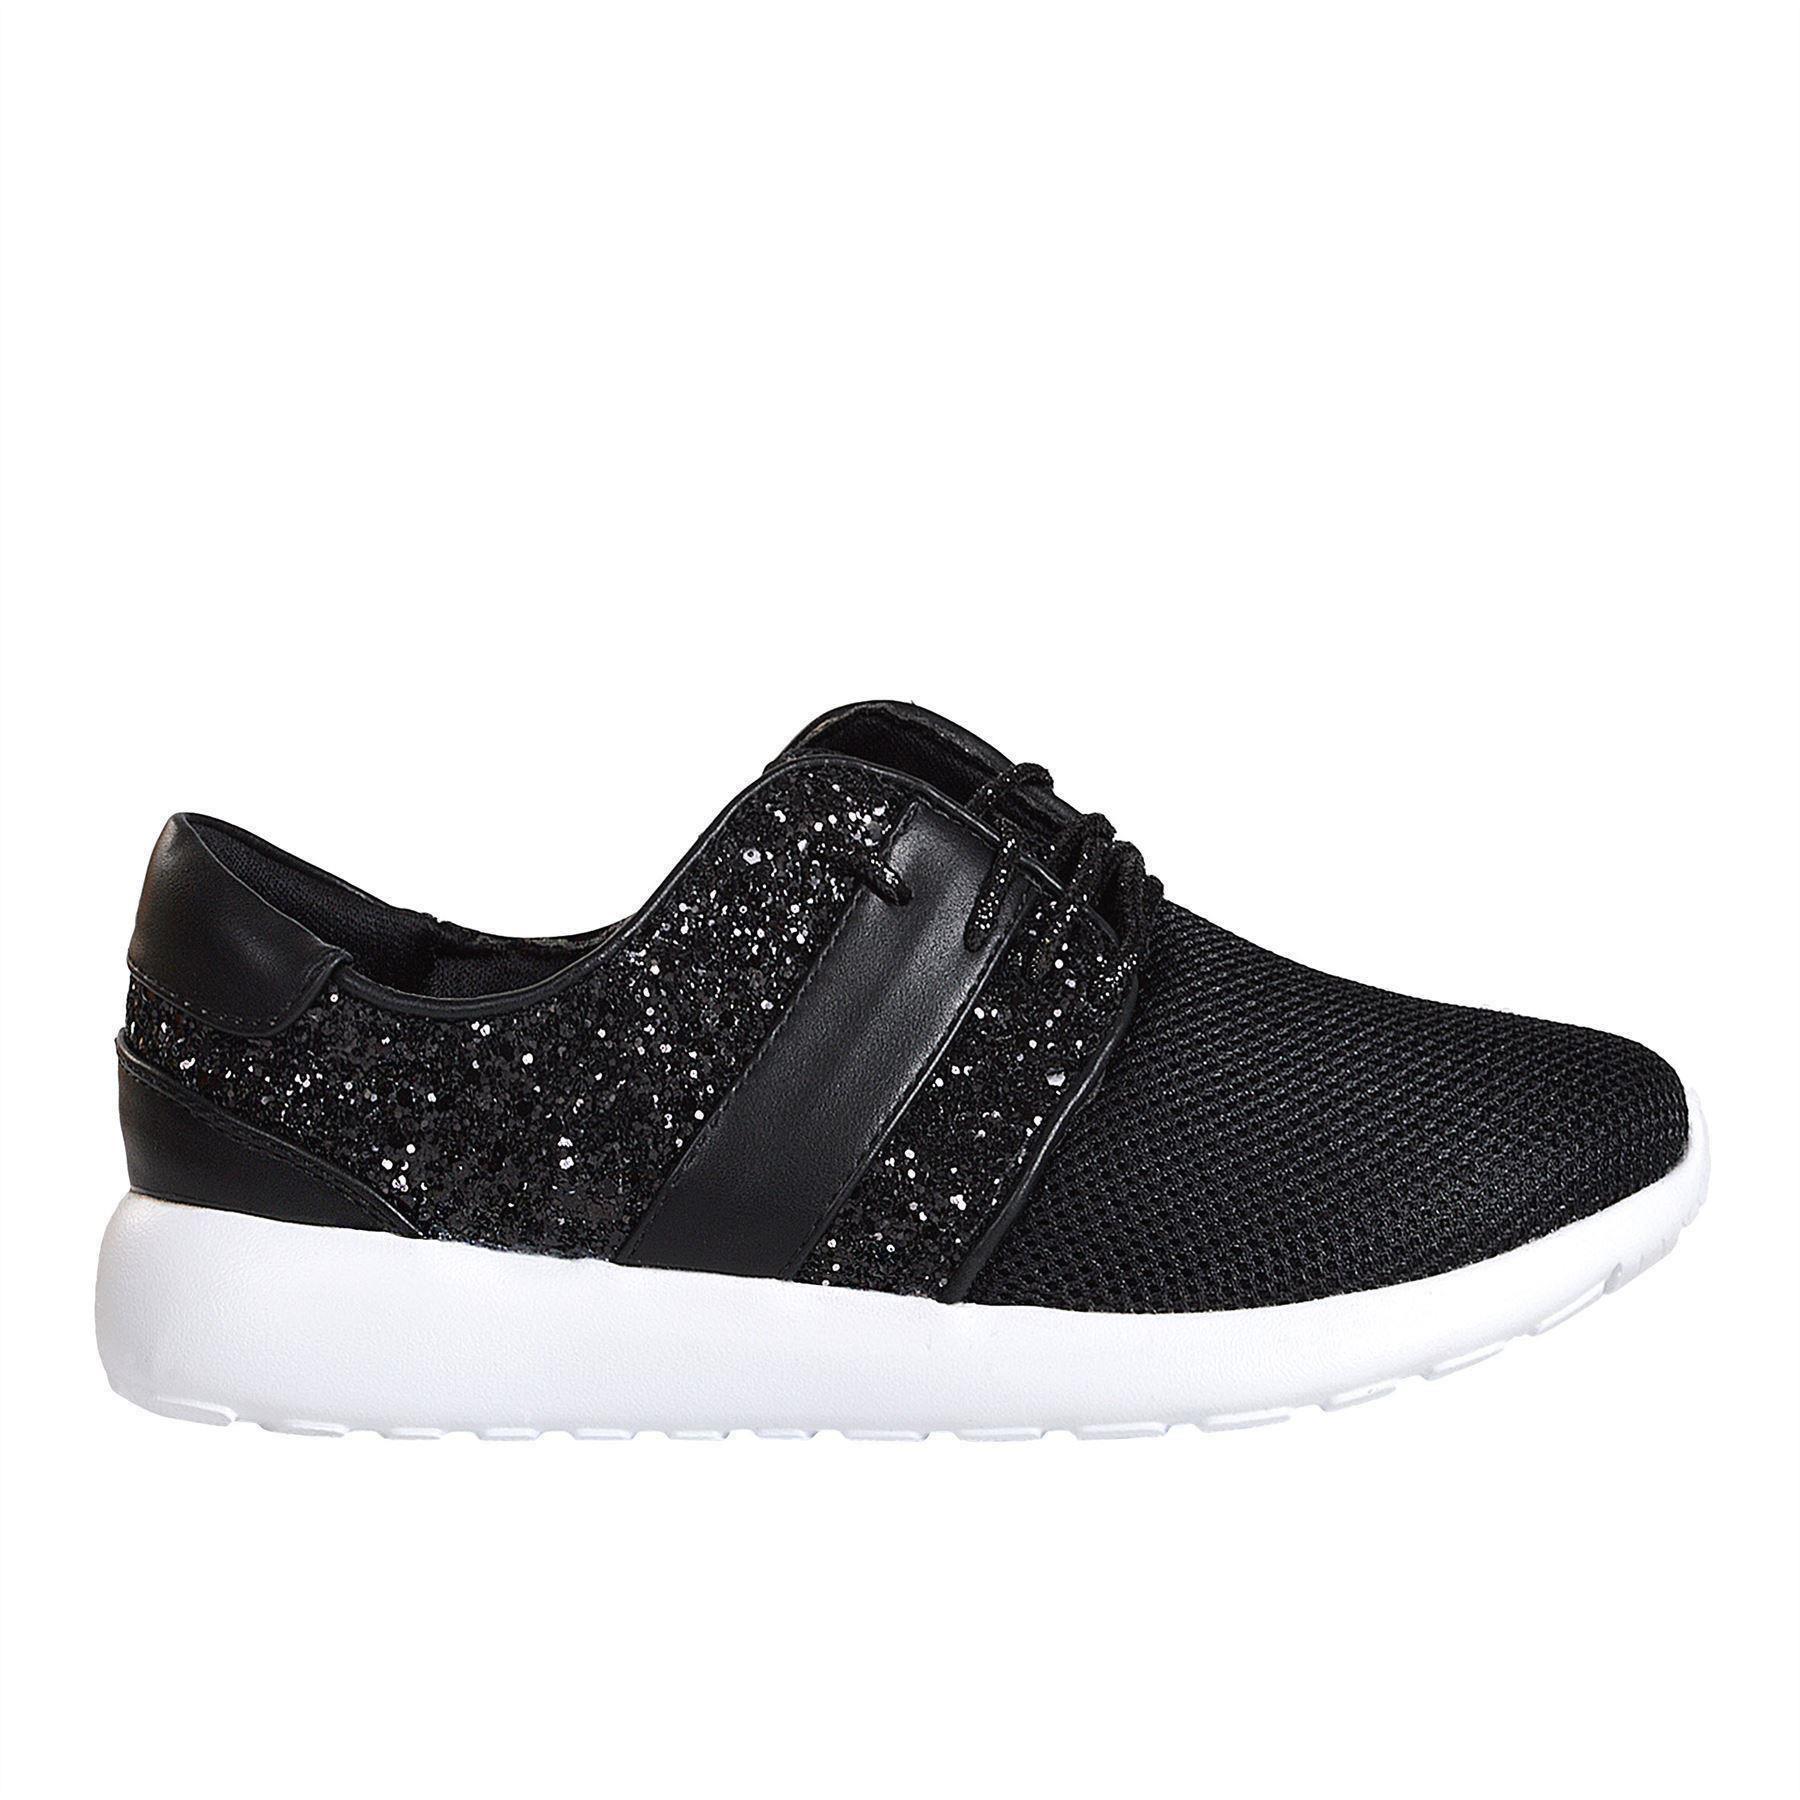 Sparkle Lace Up Shoes